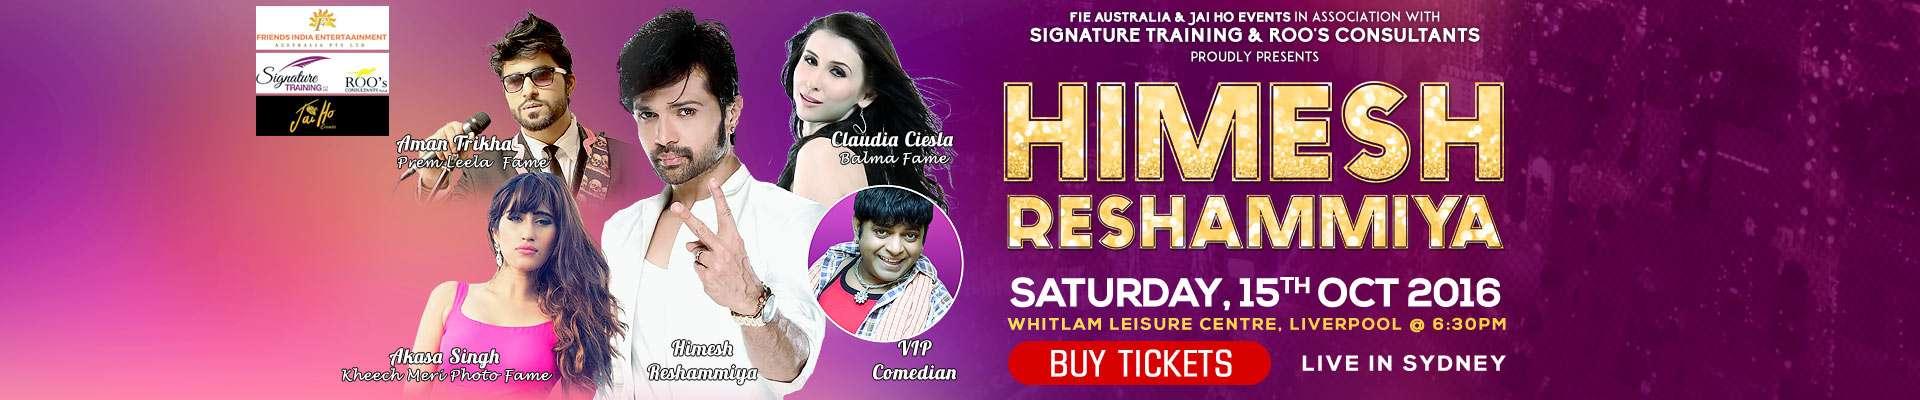 Himesh Reshammiya Live In Sydney 2016